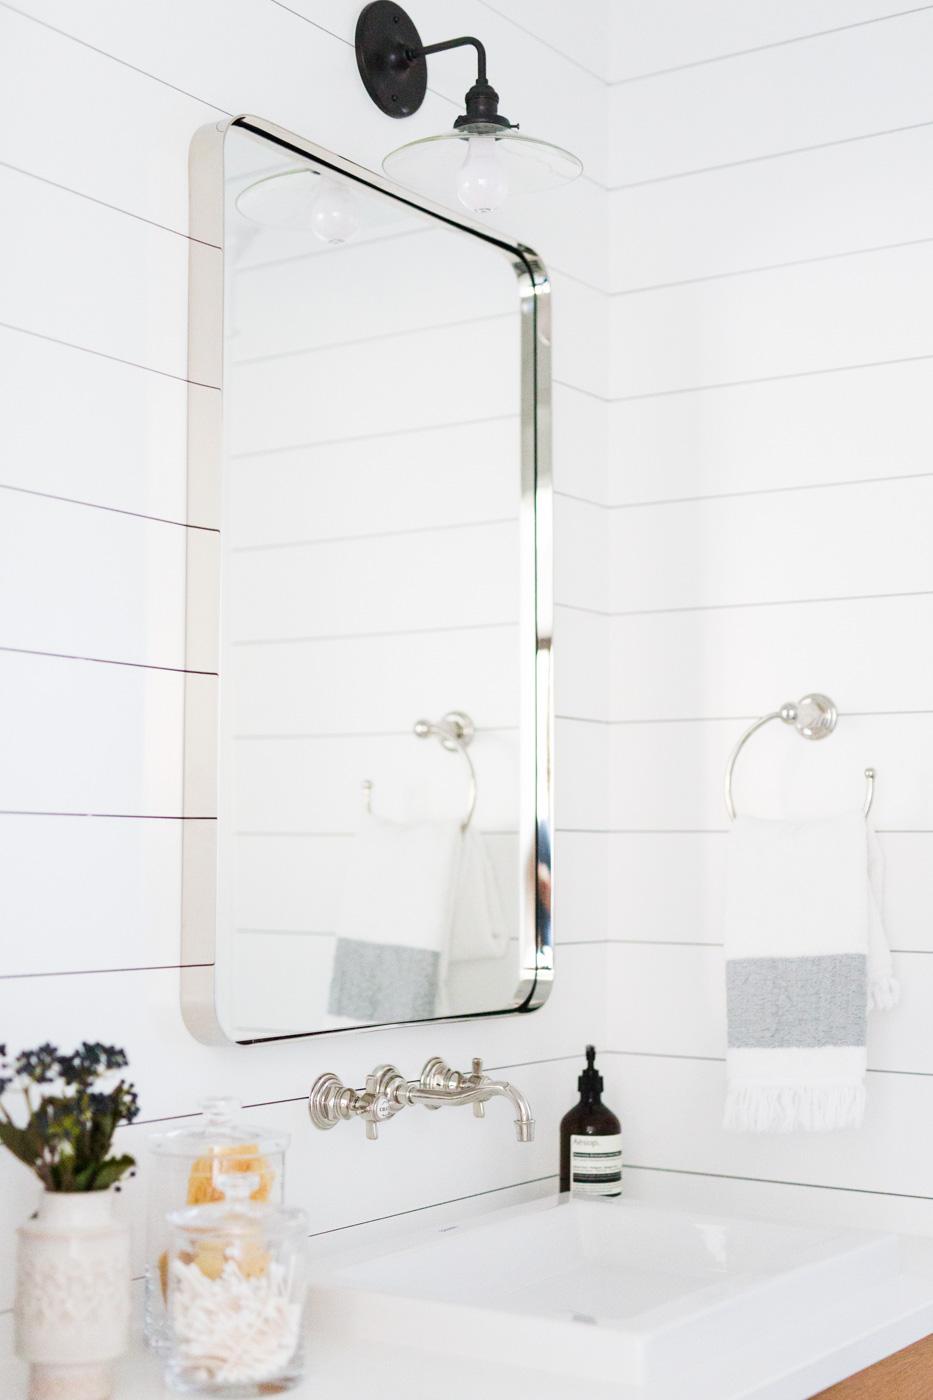 White mirror above bathroom sink